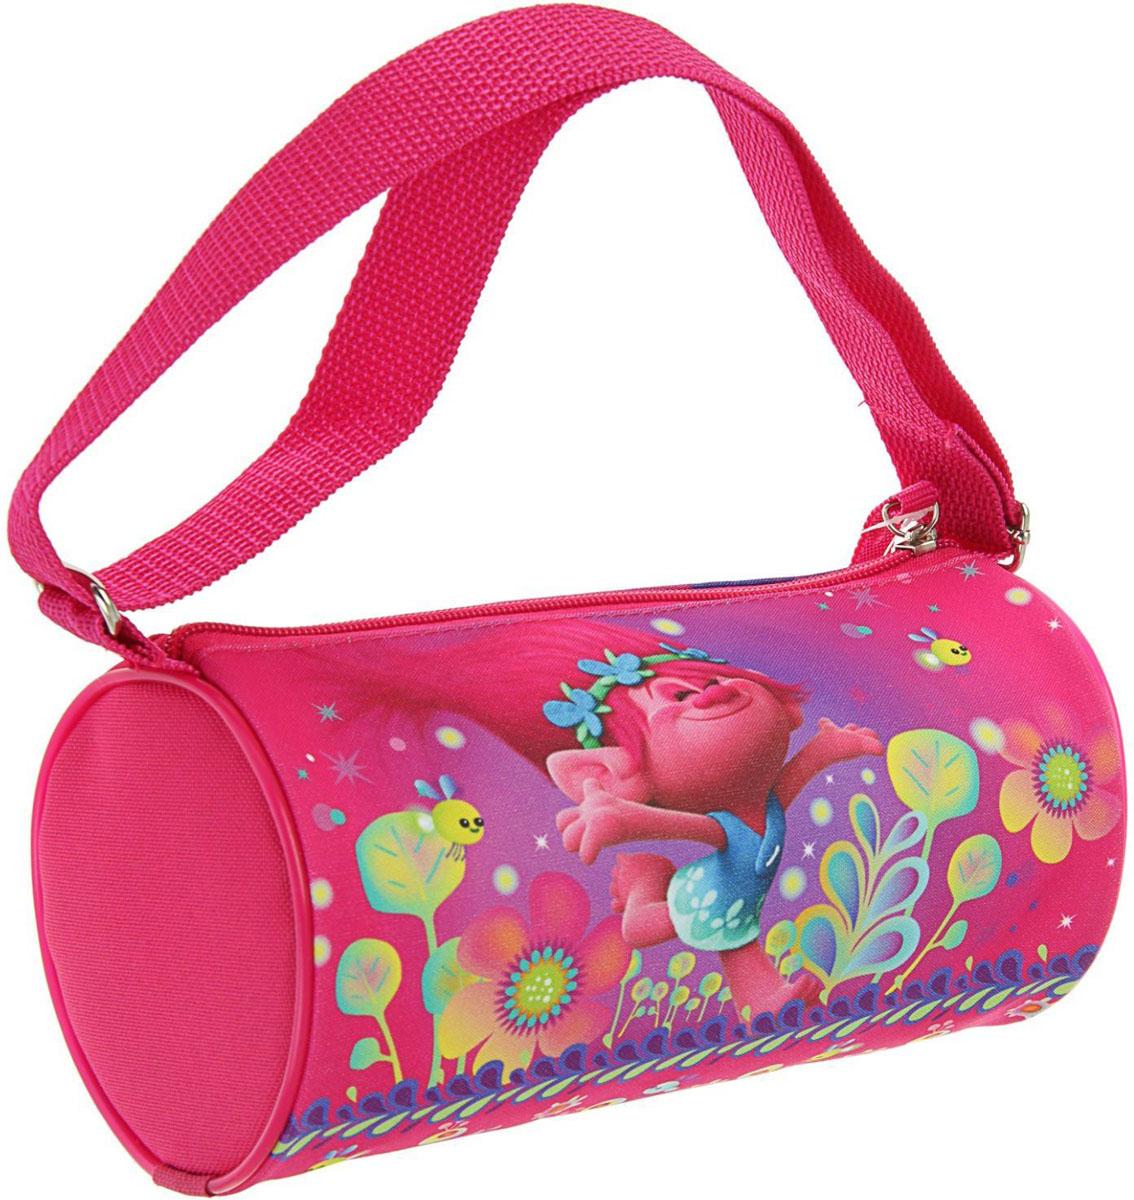 Trolls Сумка детская Тролли 2111531 -  Ранцы и рюкзаки